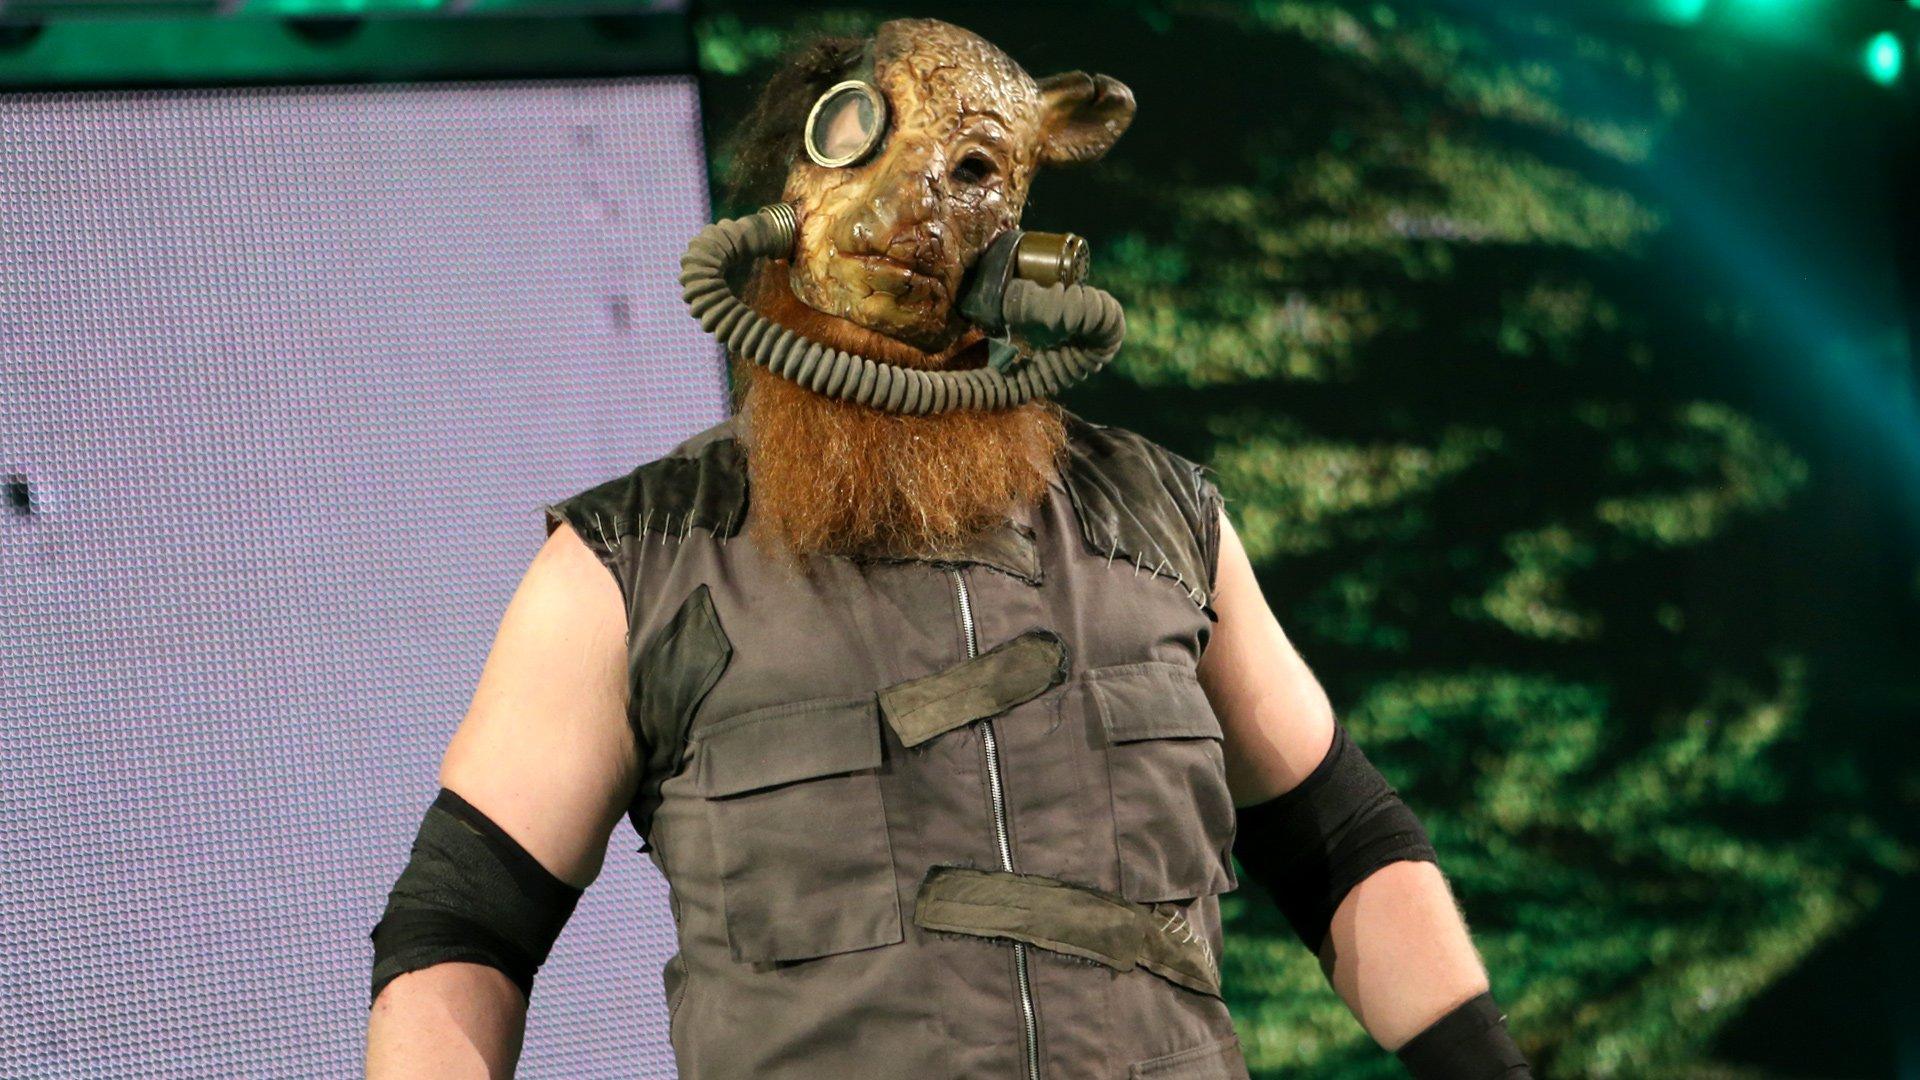 Erick Rowan has his sights on destroying his former fellow Wyatt Family member Luke Harper.